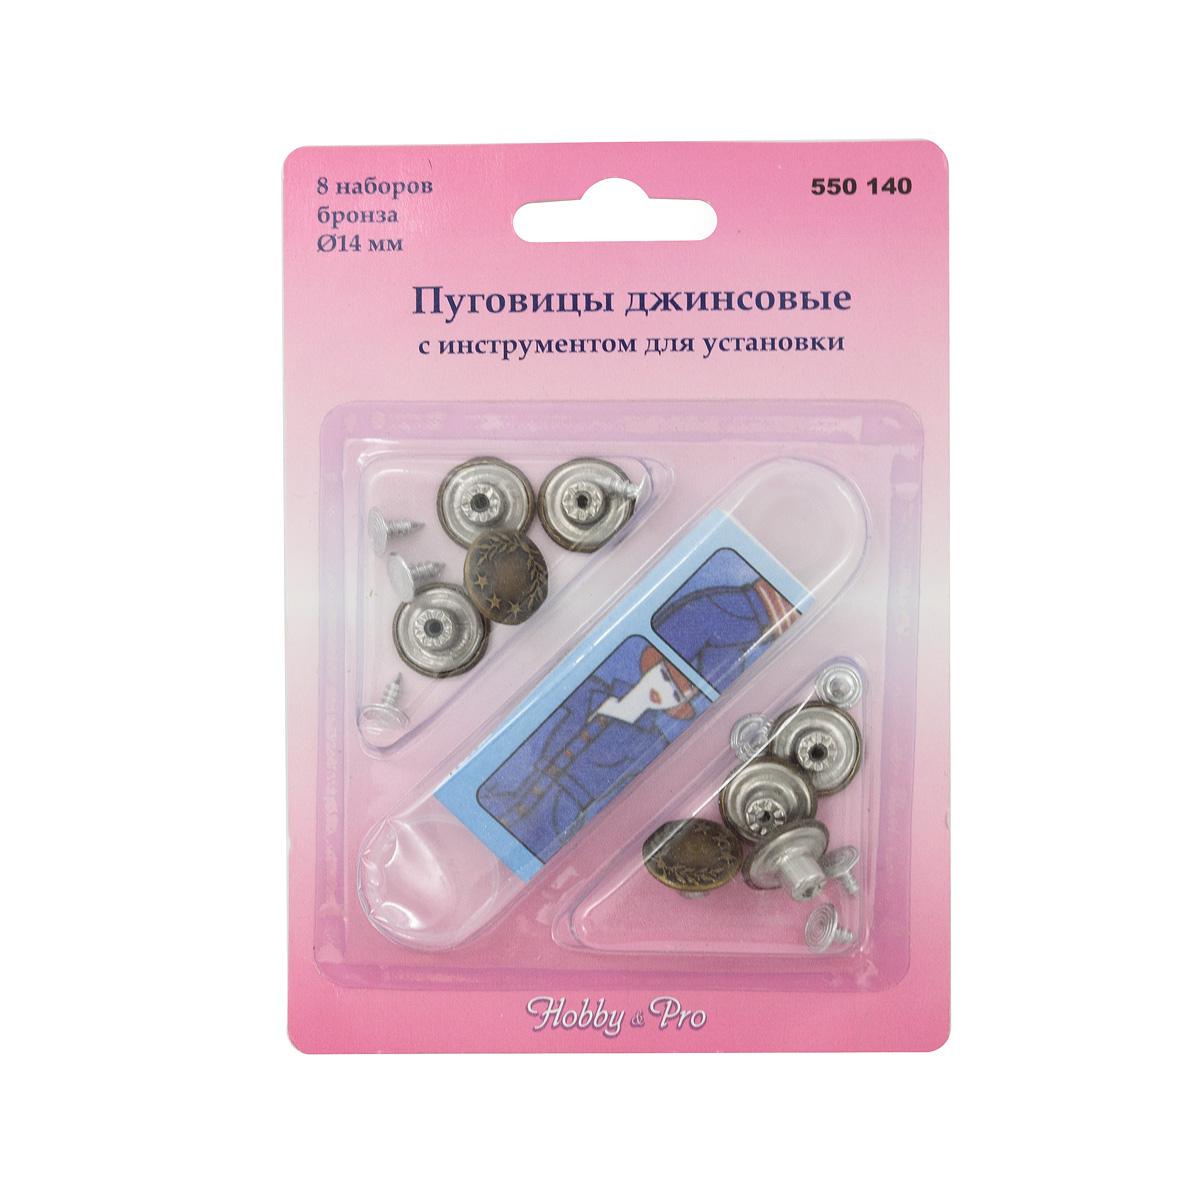 550140 Пуговицы джинсовые с инструментом для установки, d 14 мм, бронза, упак./8 наборов, Hobby&Pro